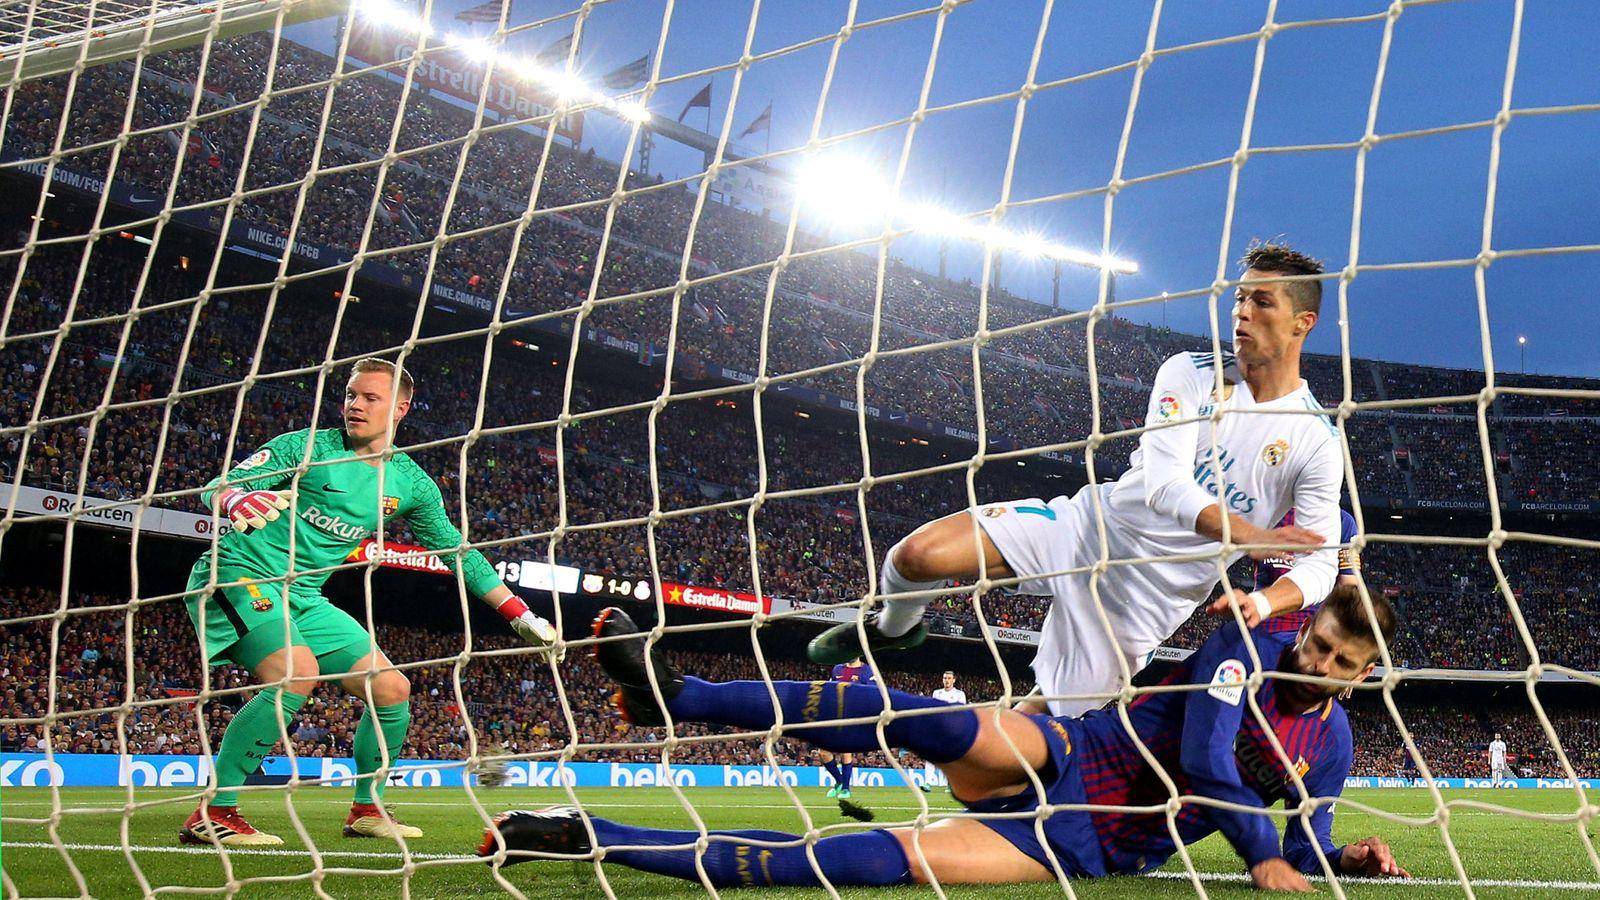 Foto: Cristiano Ronaldo en el momento de marcar el gol en el Camp Nou y lesionarse el tobillo con el impacto de Piqué (REUTERS)